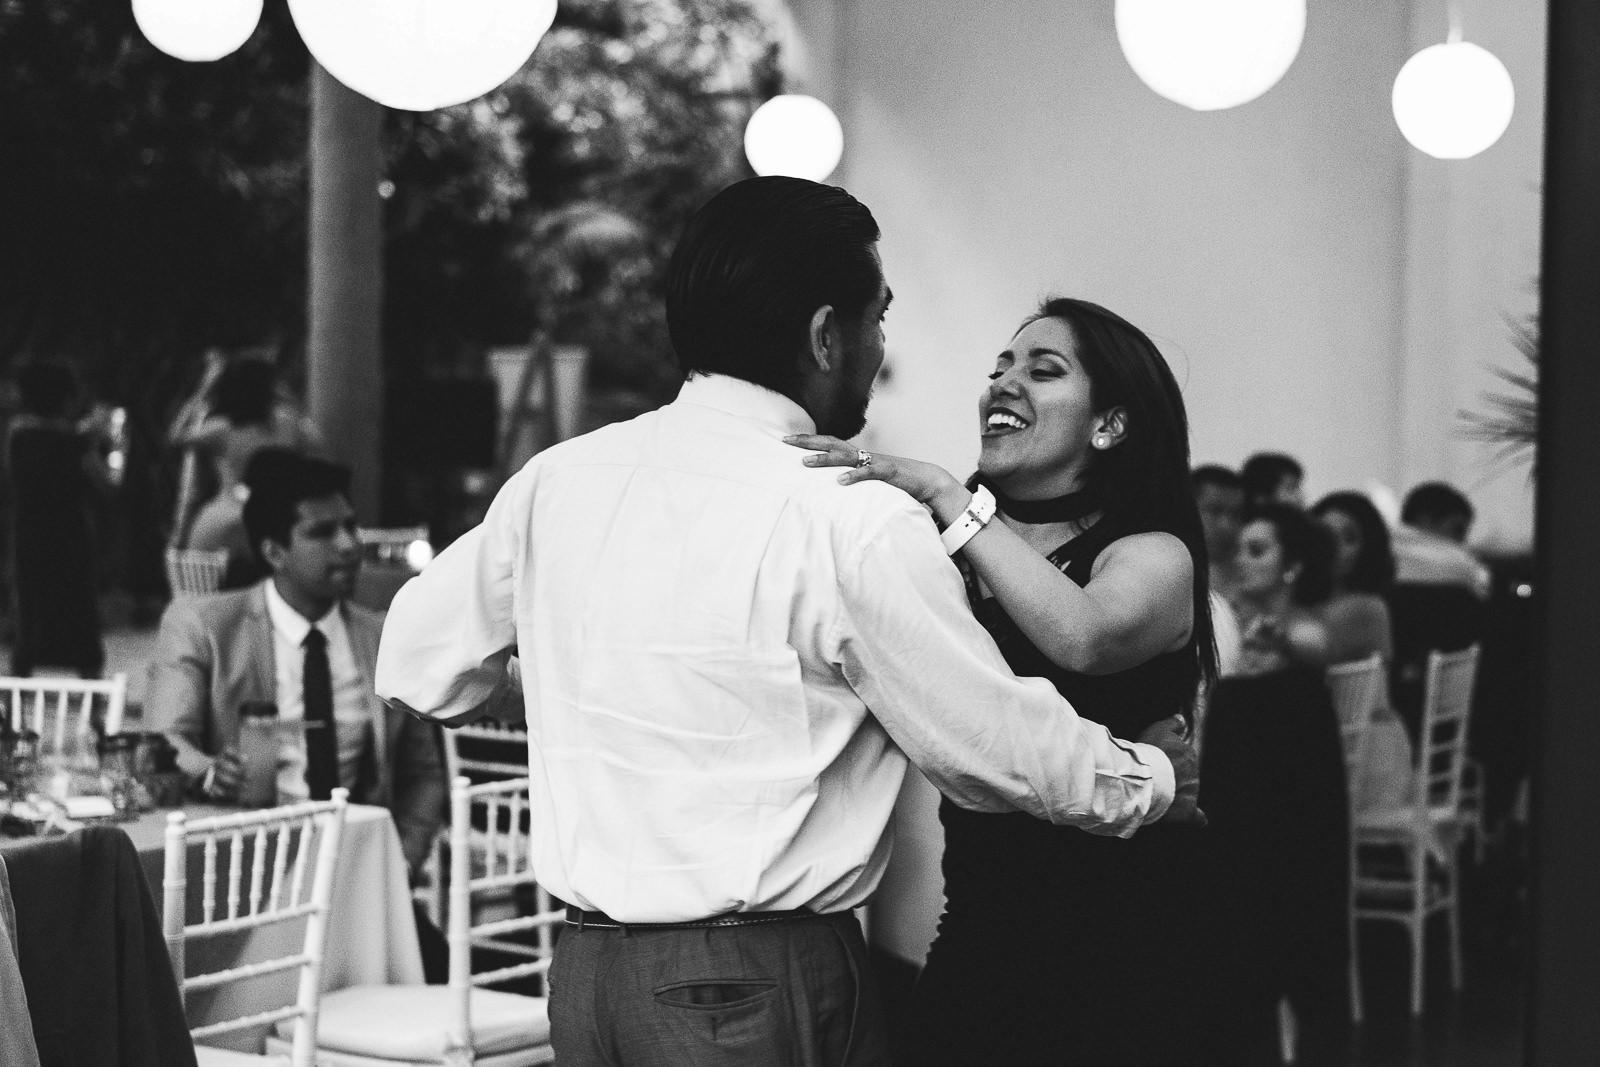 fotografo_de_bodas_mexico_cuernavaca_puebla_sergio_quezada_cdmx_h+l_102